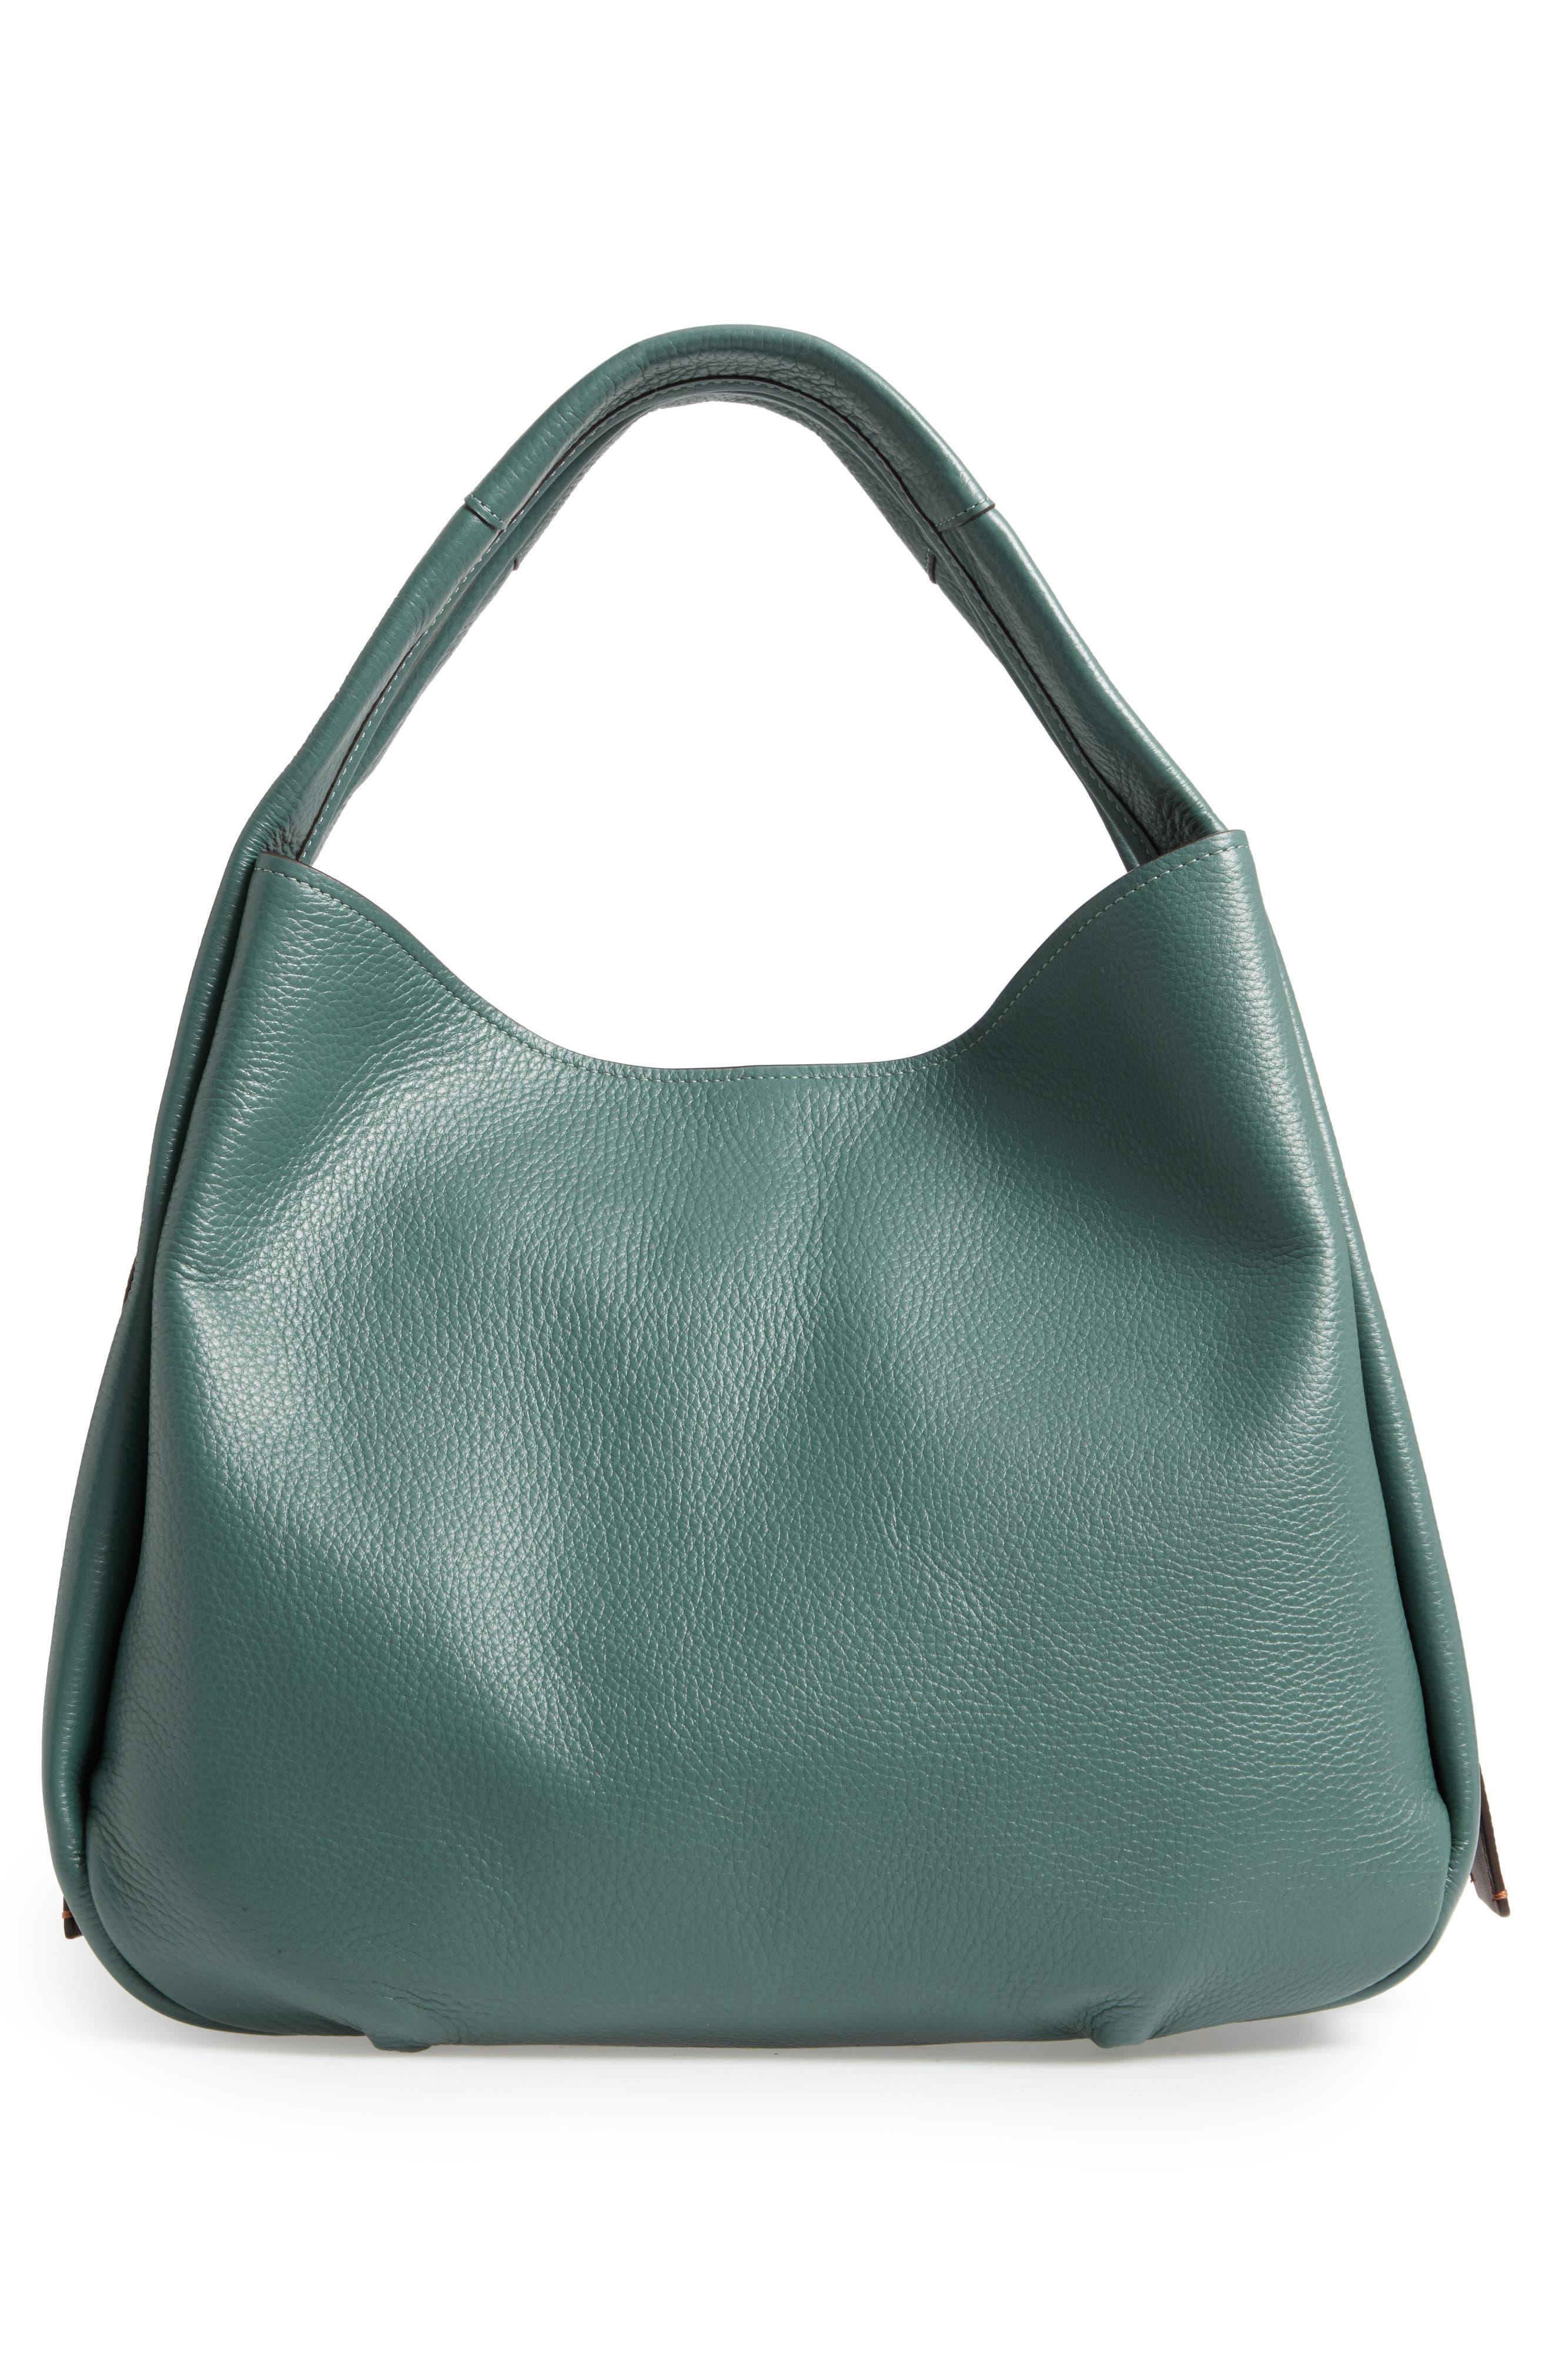 Bandit Leather Hobo & Removable Shoulder Bag,                             Alternate thumbnail 3, color,                             313